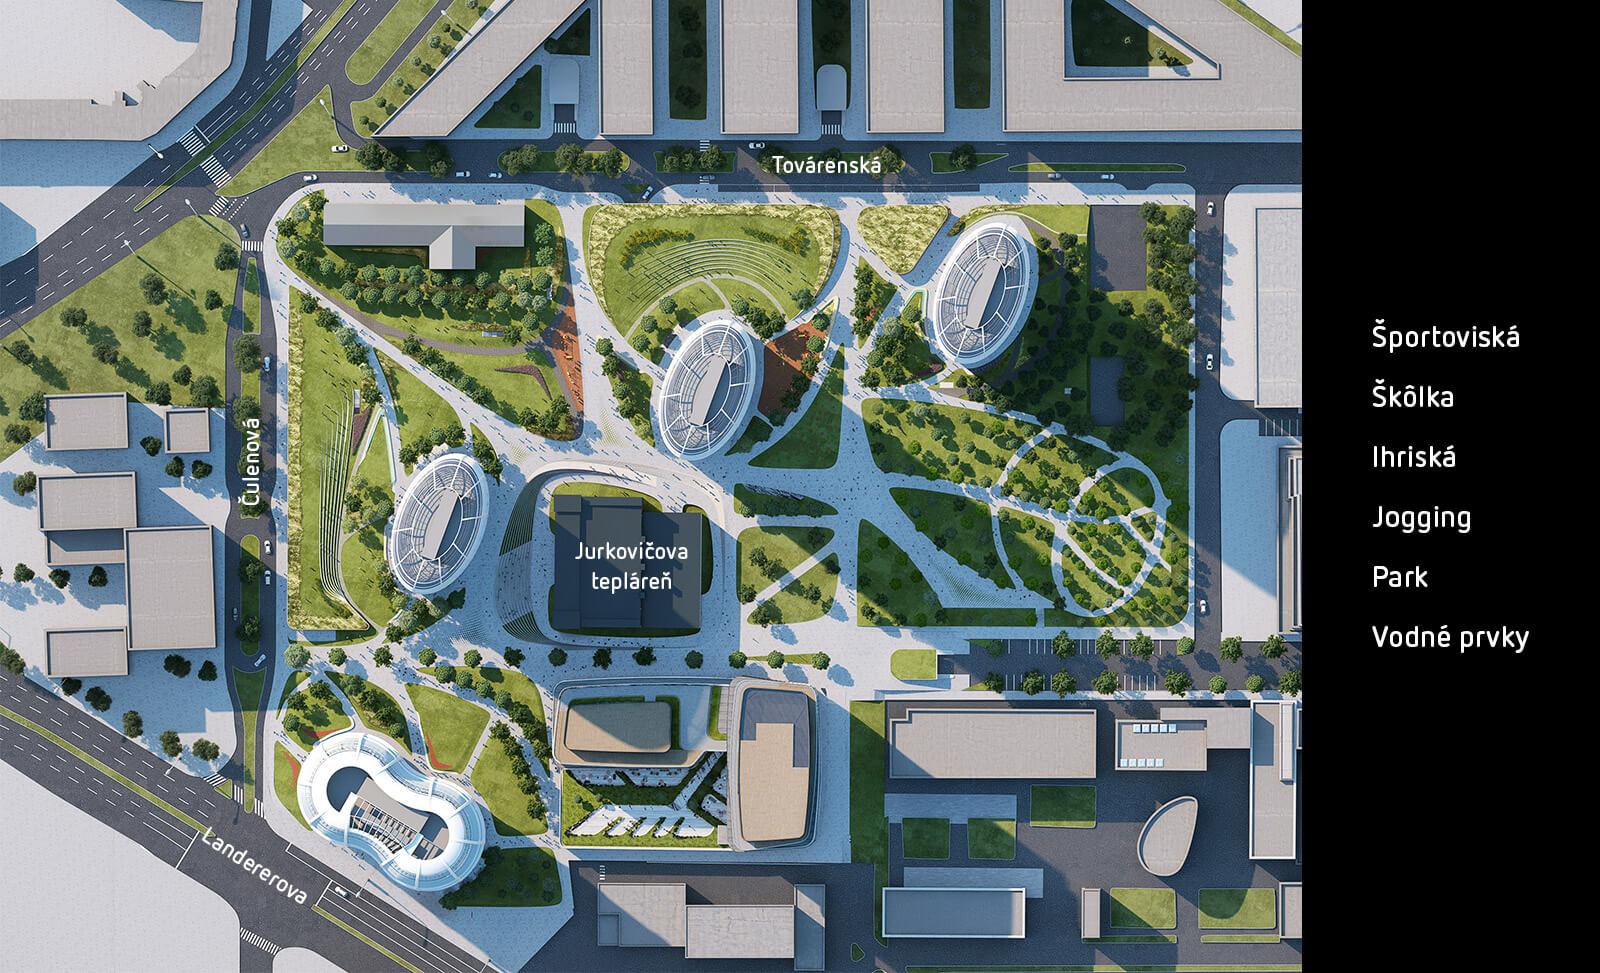 Predané: 2 izbový byt v Sky parku, III Veža,  17 poschodie, úžitková 50,51m2, Loggia 4,99m2,parkovacie miesto-3